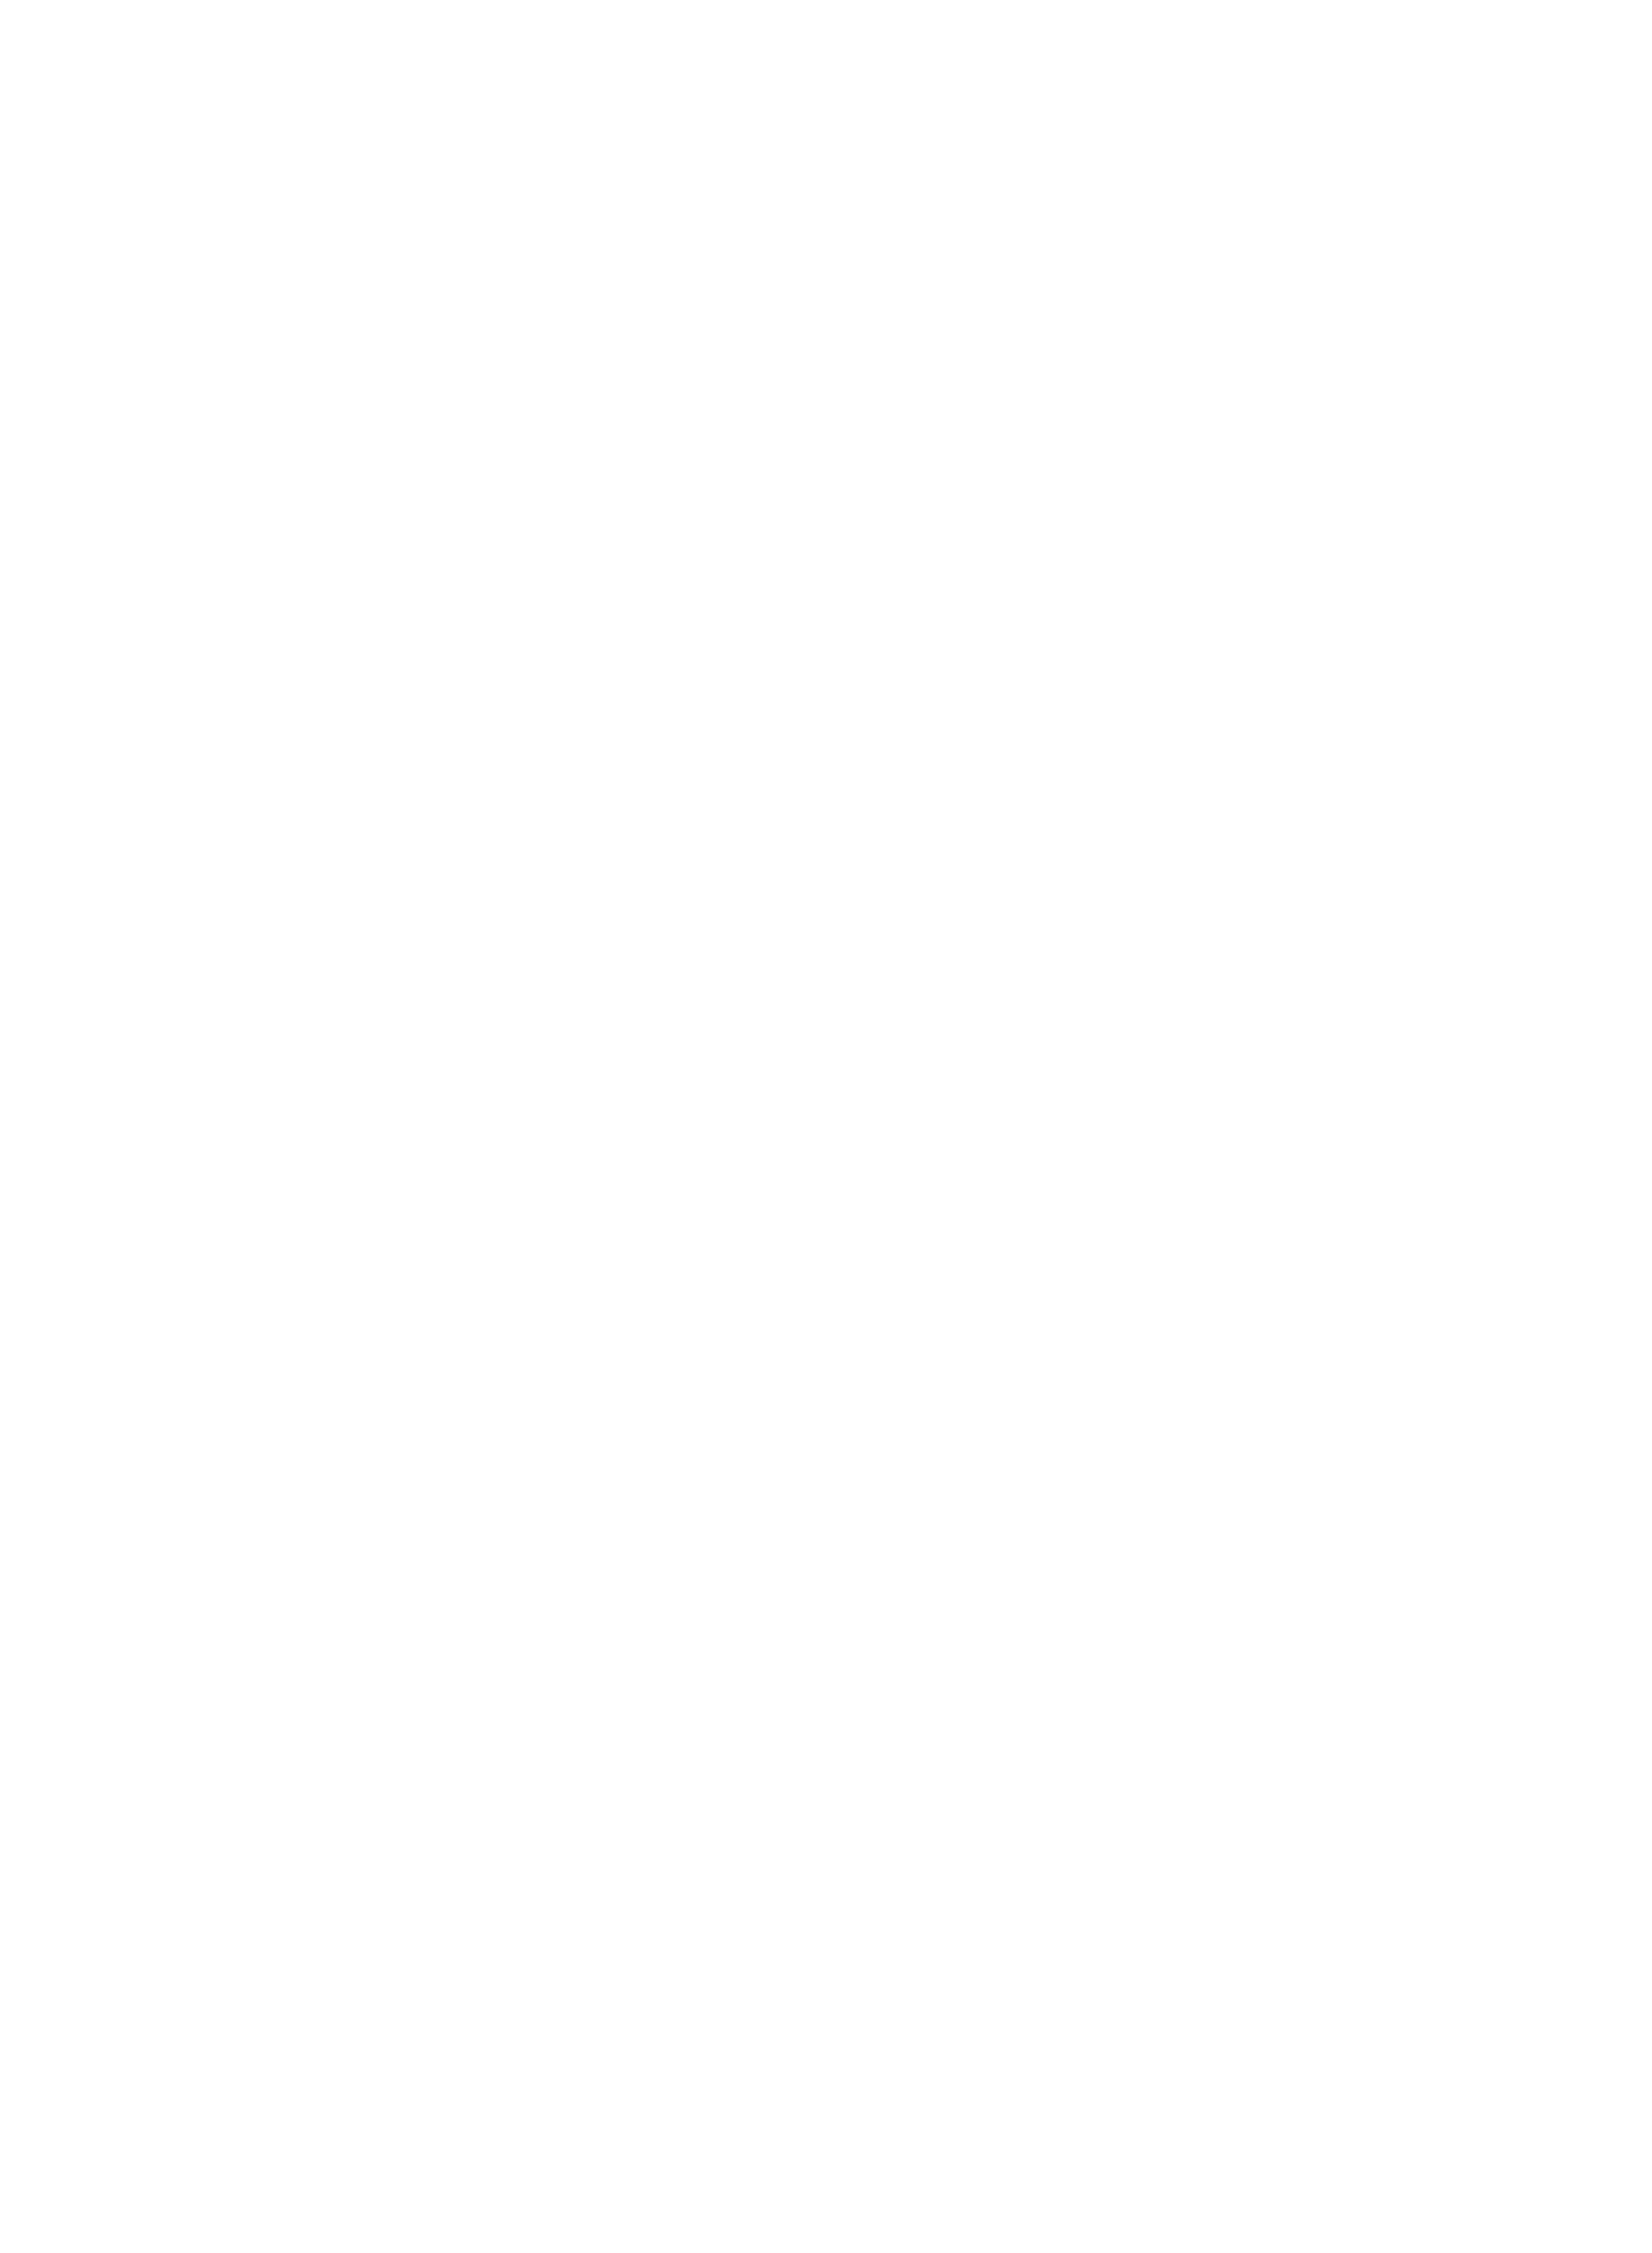 Diagram: Revenues